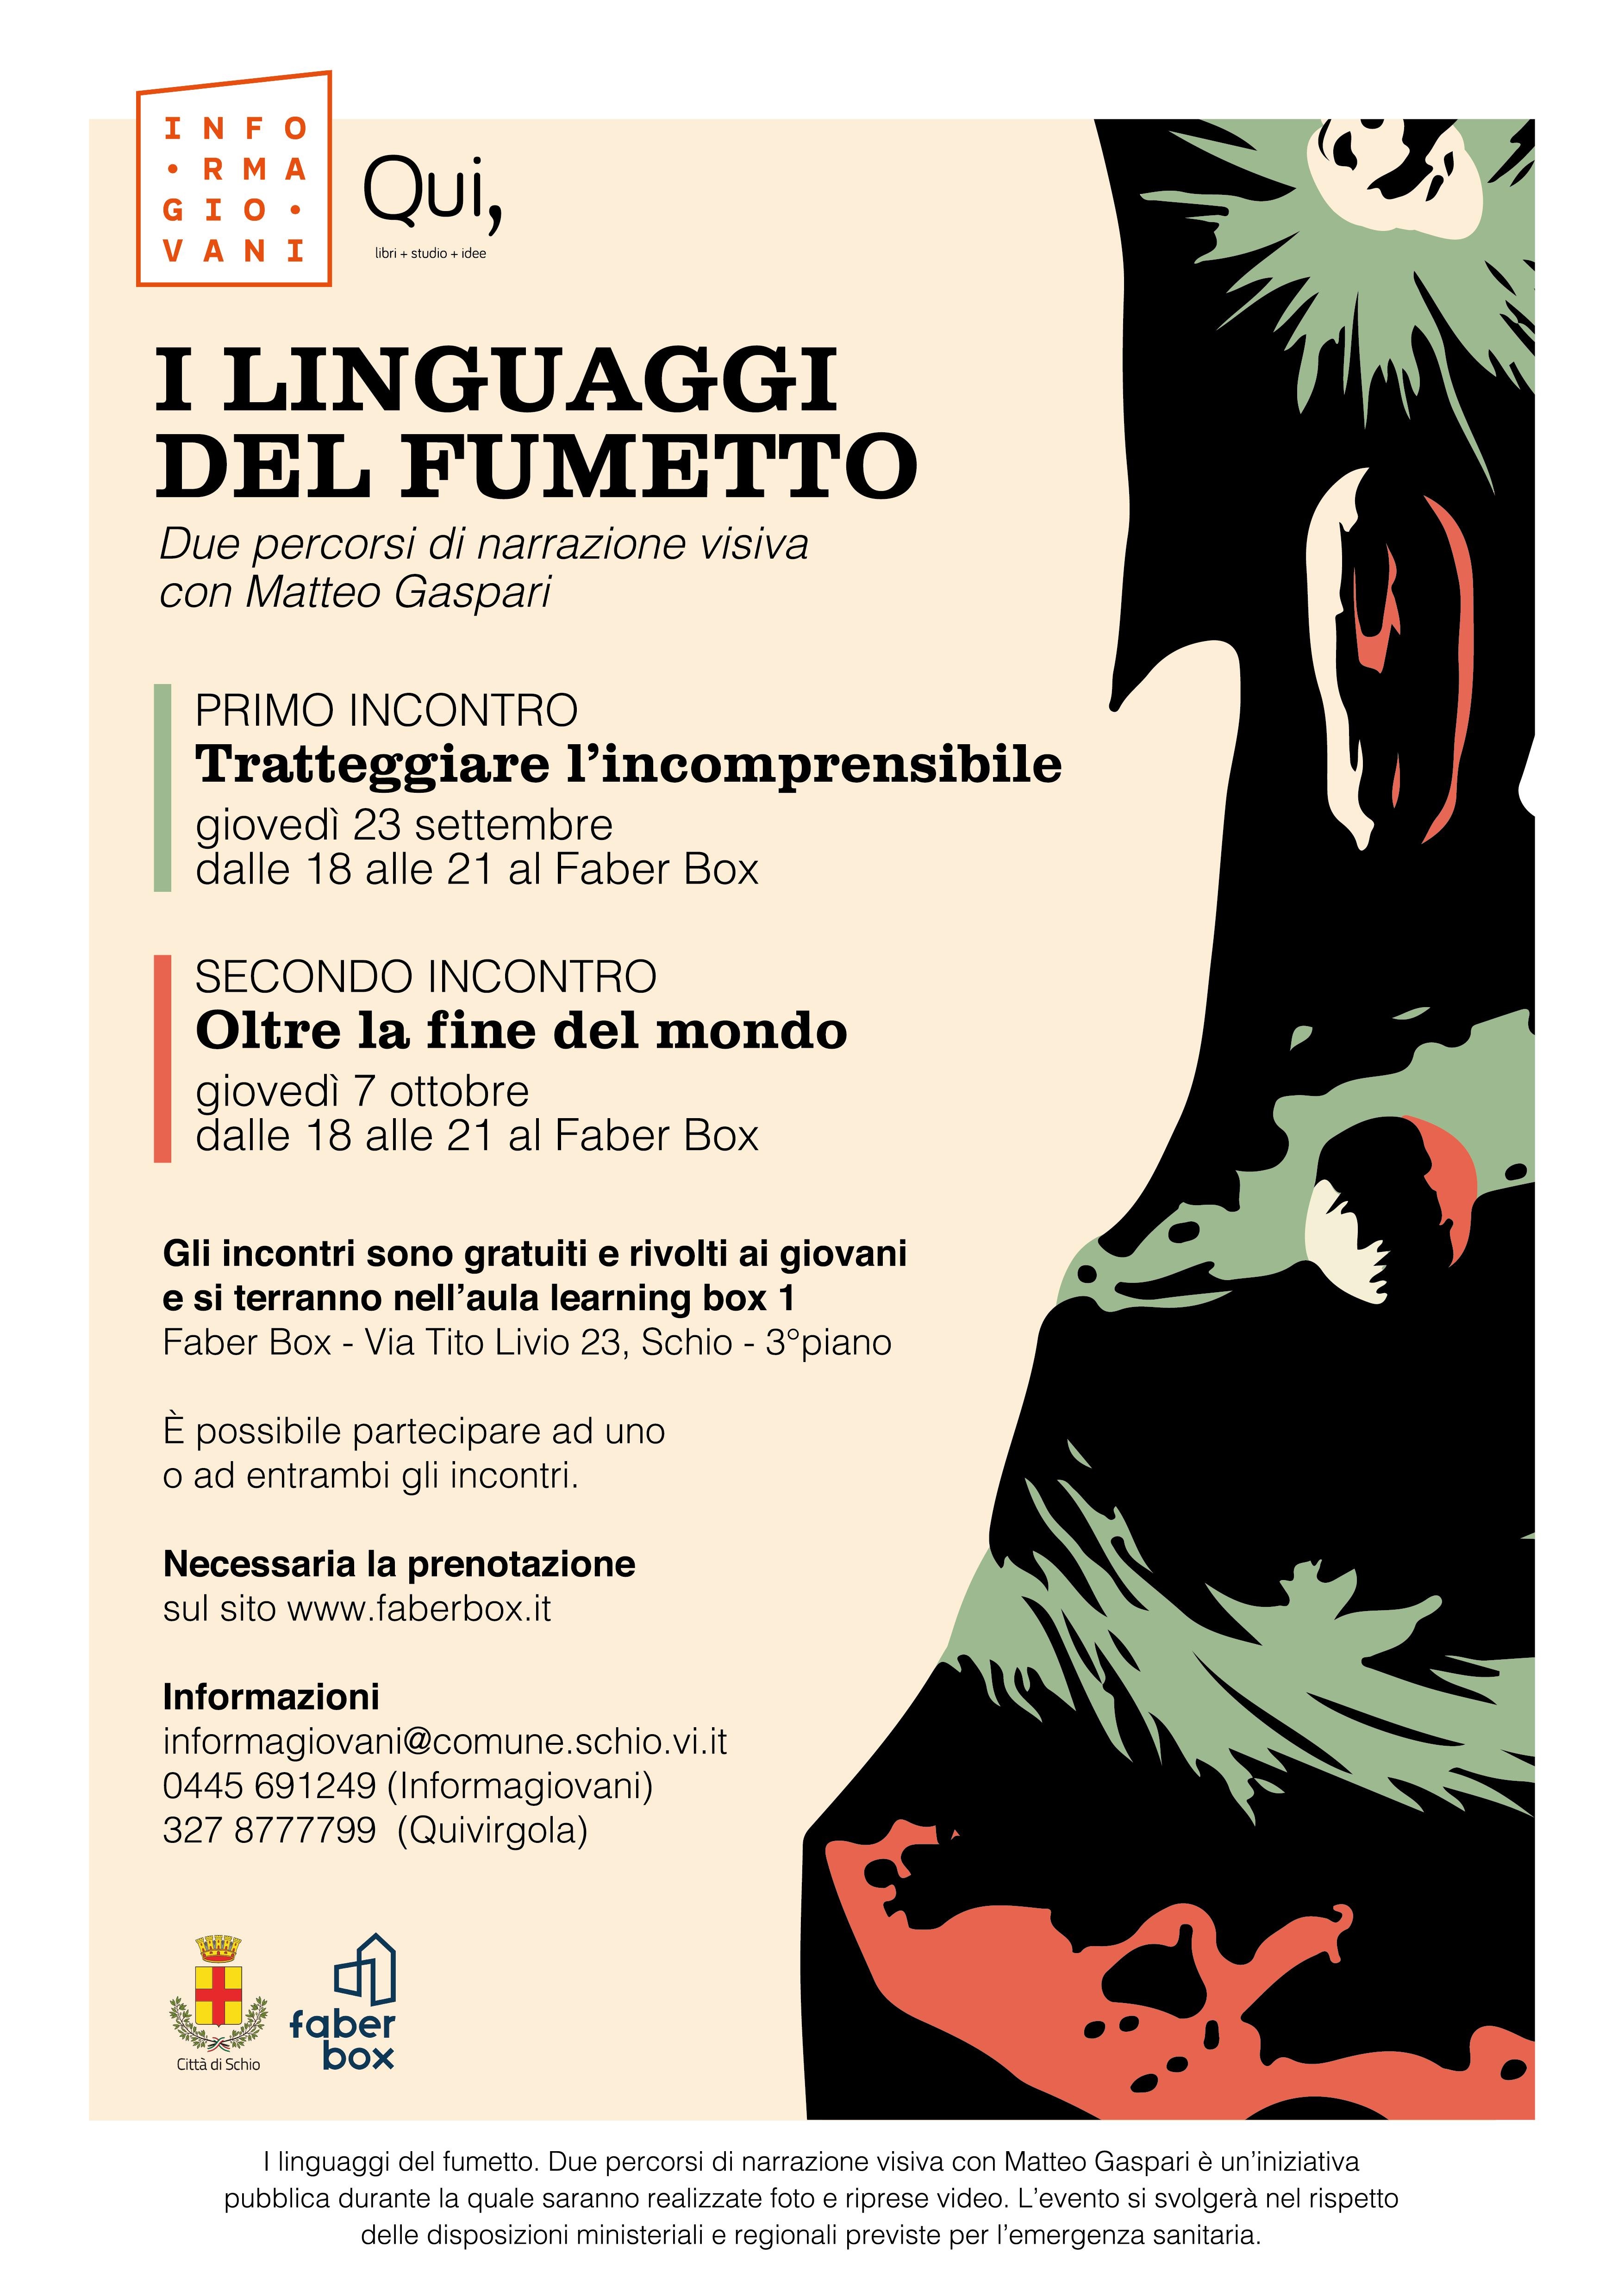 I linguaggi del fumetto – due percorsi di narrazione visiva al Faber Box